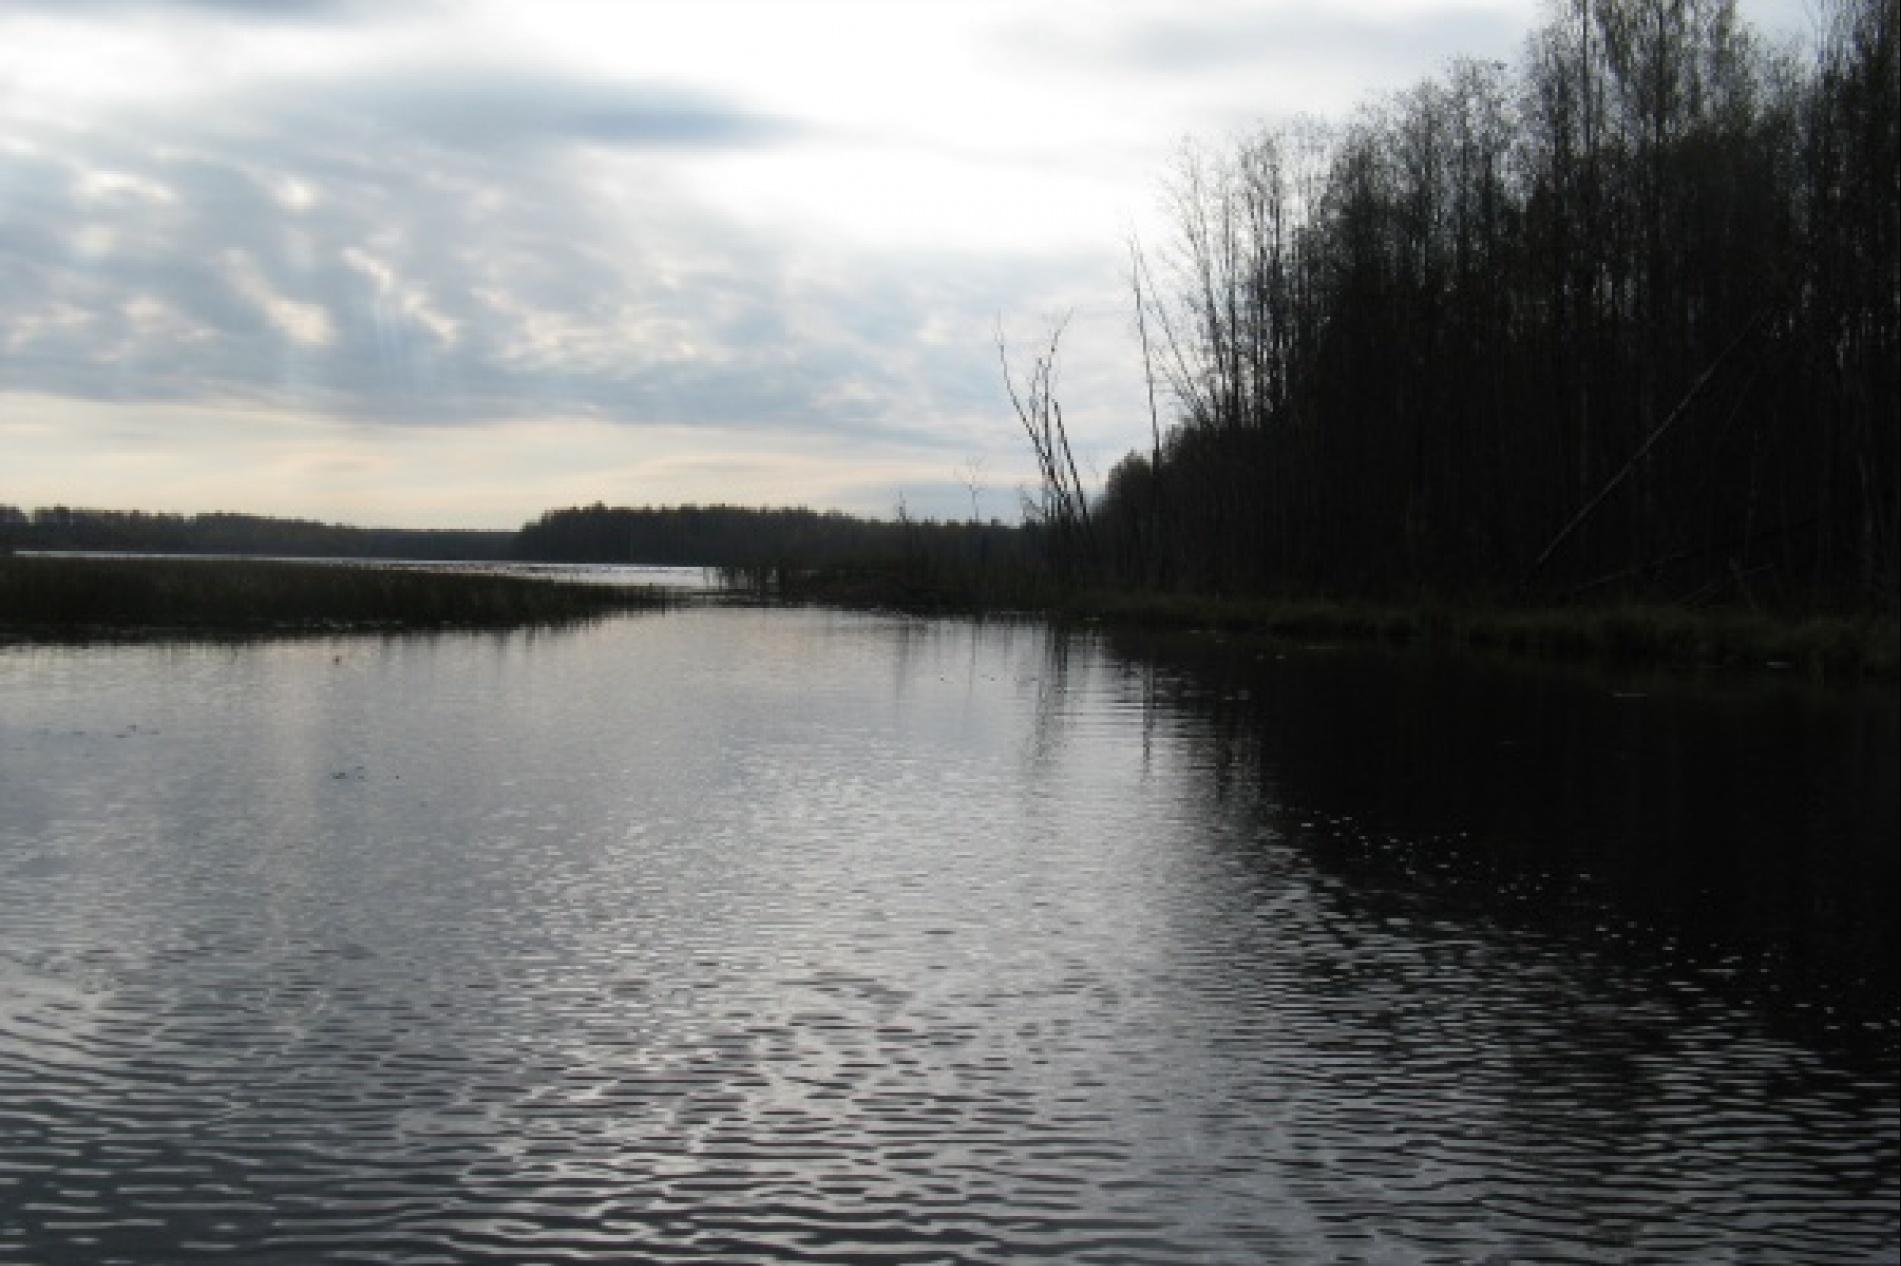 Охотничье хозяйство «Раздобарино» Смоленская область, фото 7